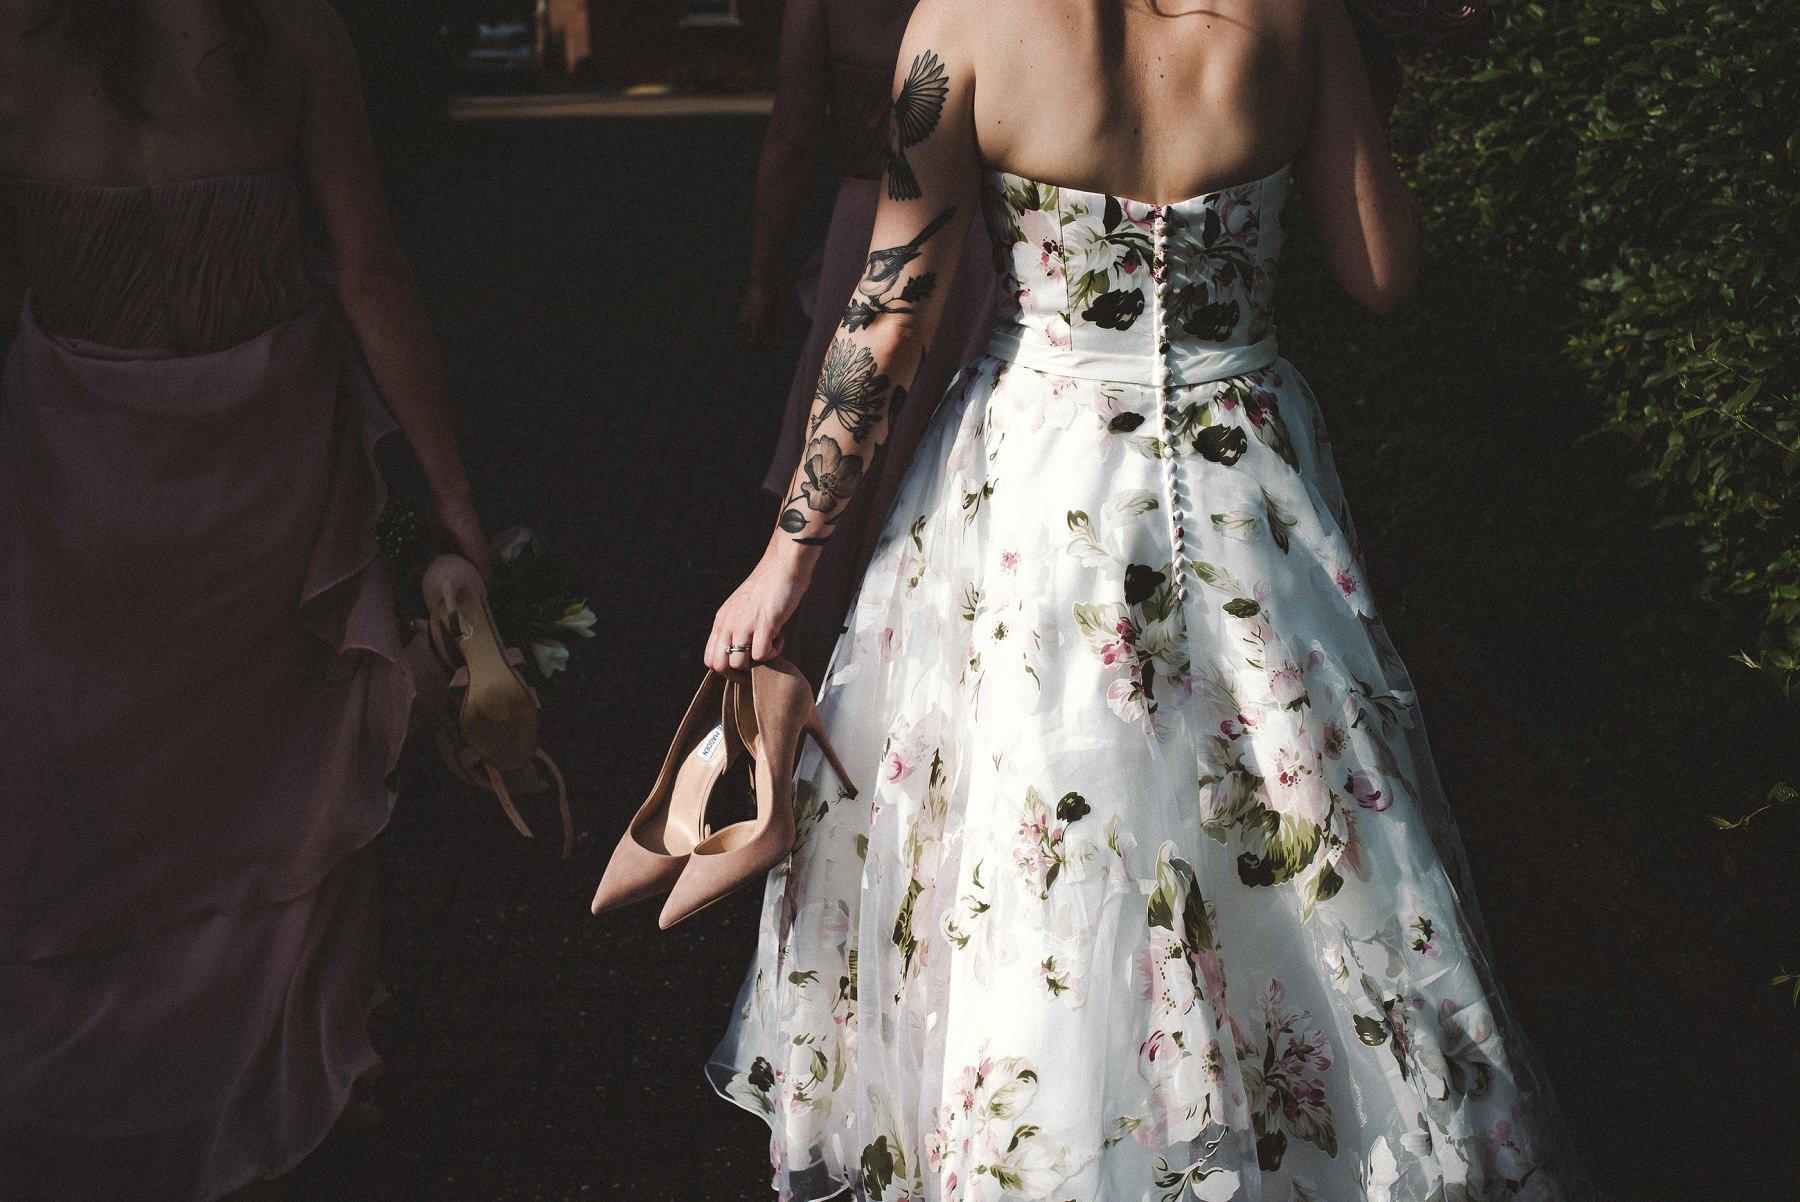 danny_alex_wedding_tease_0152.jpg